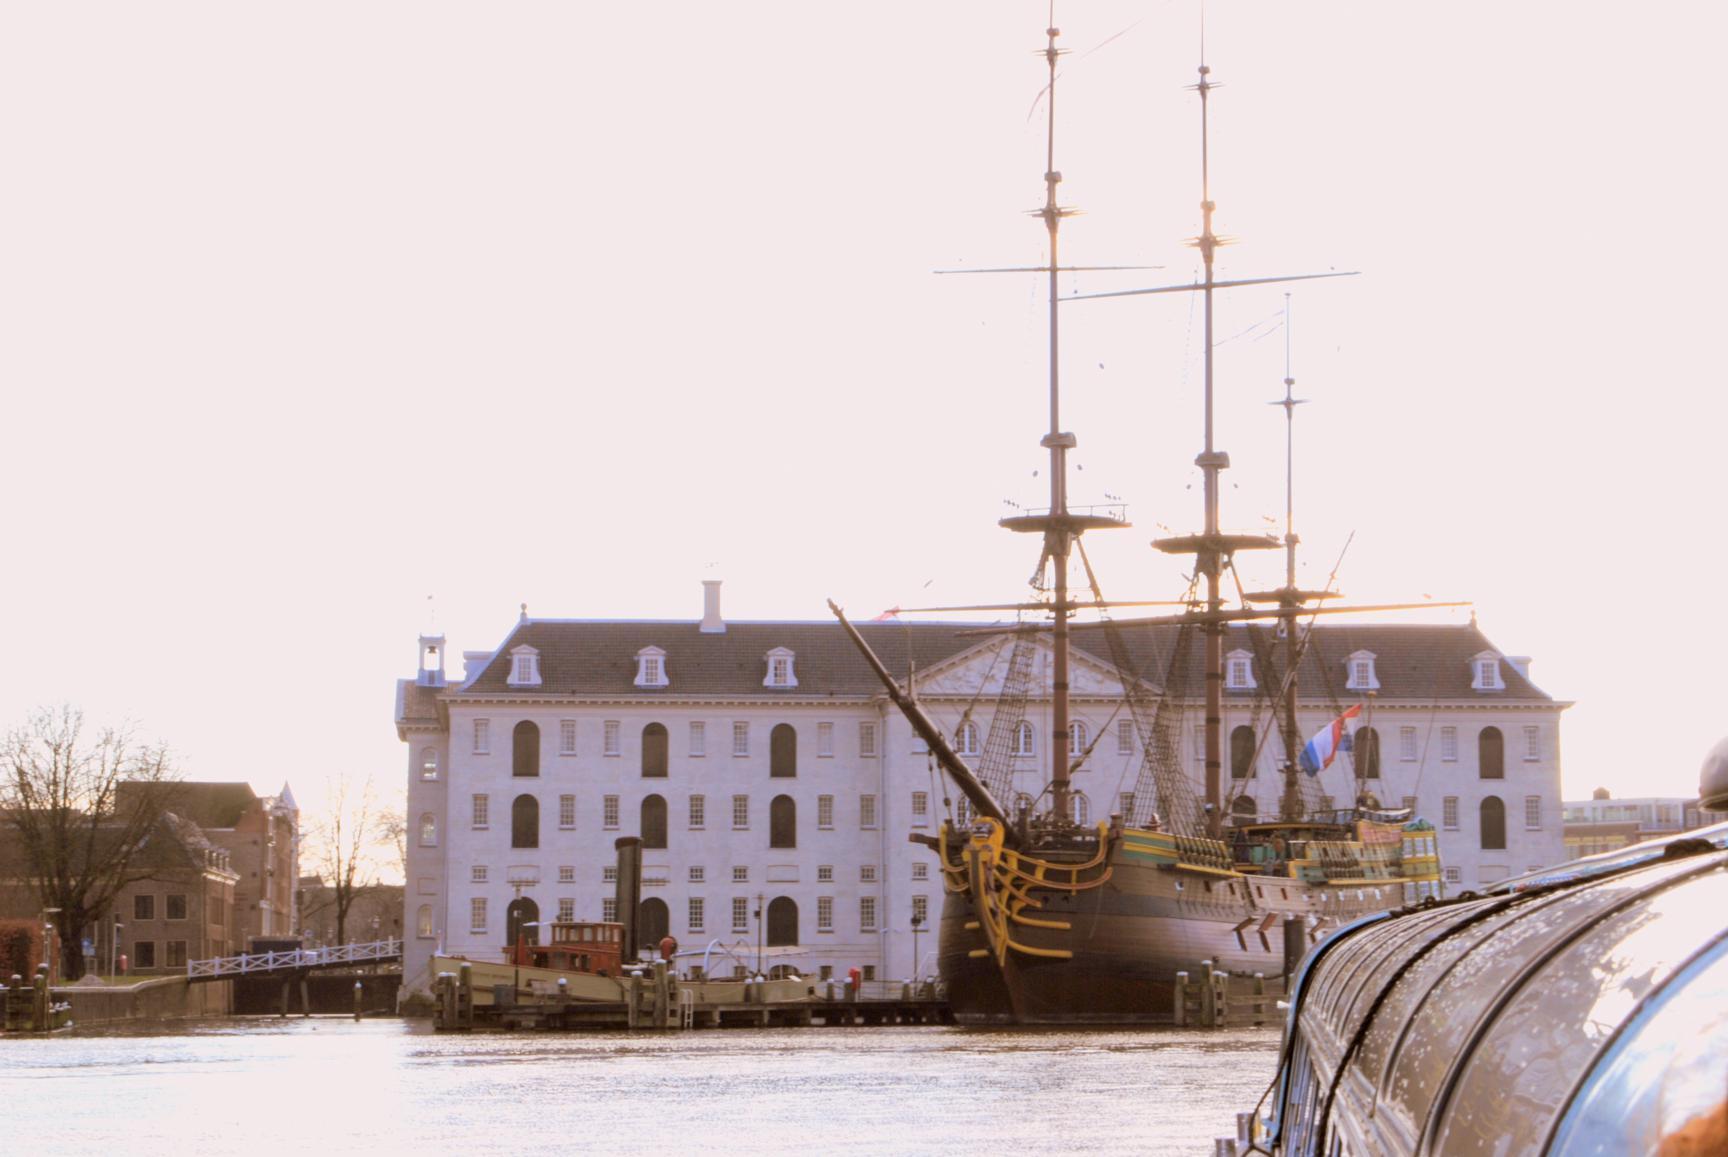 que-ver-amsterdam-museo-maritimo-nacional